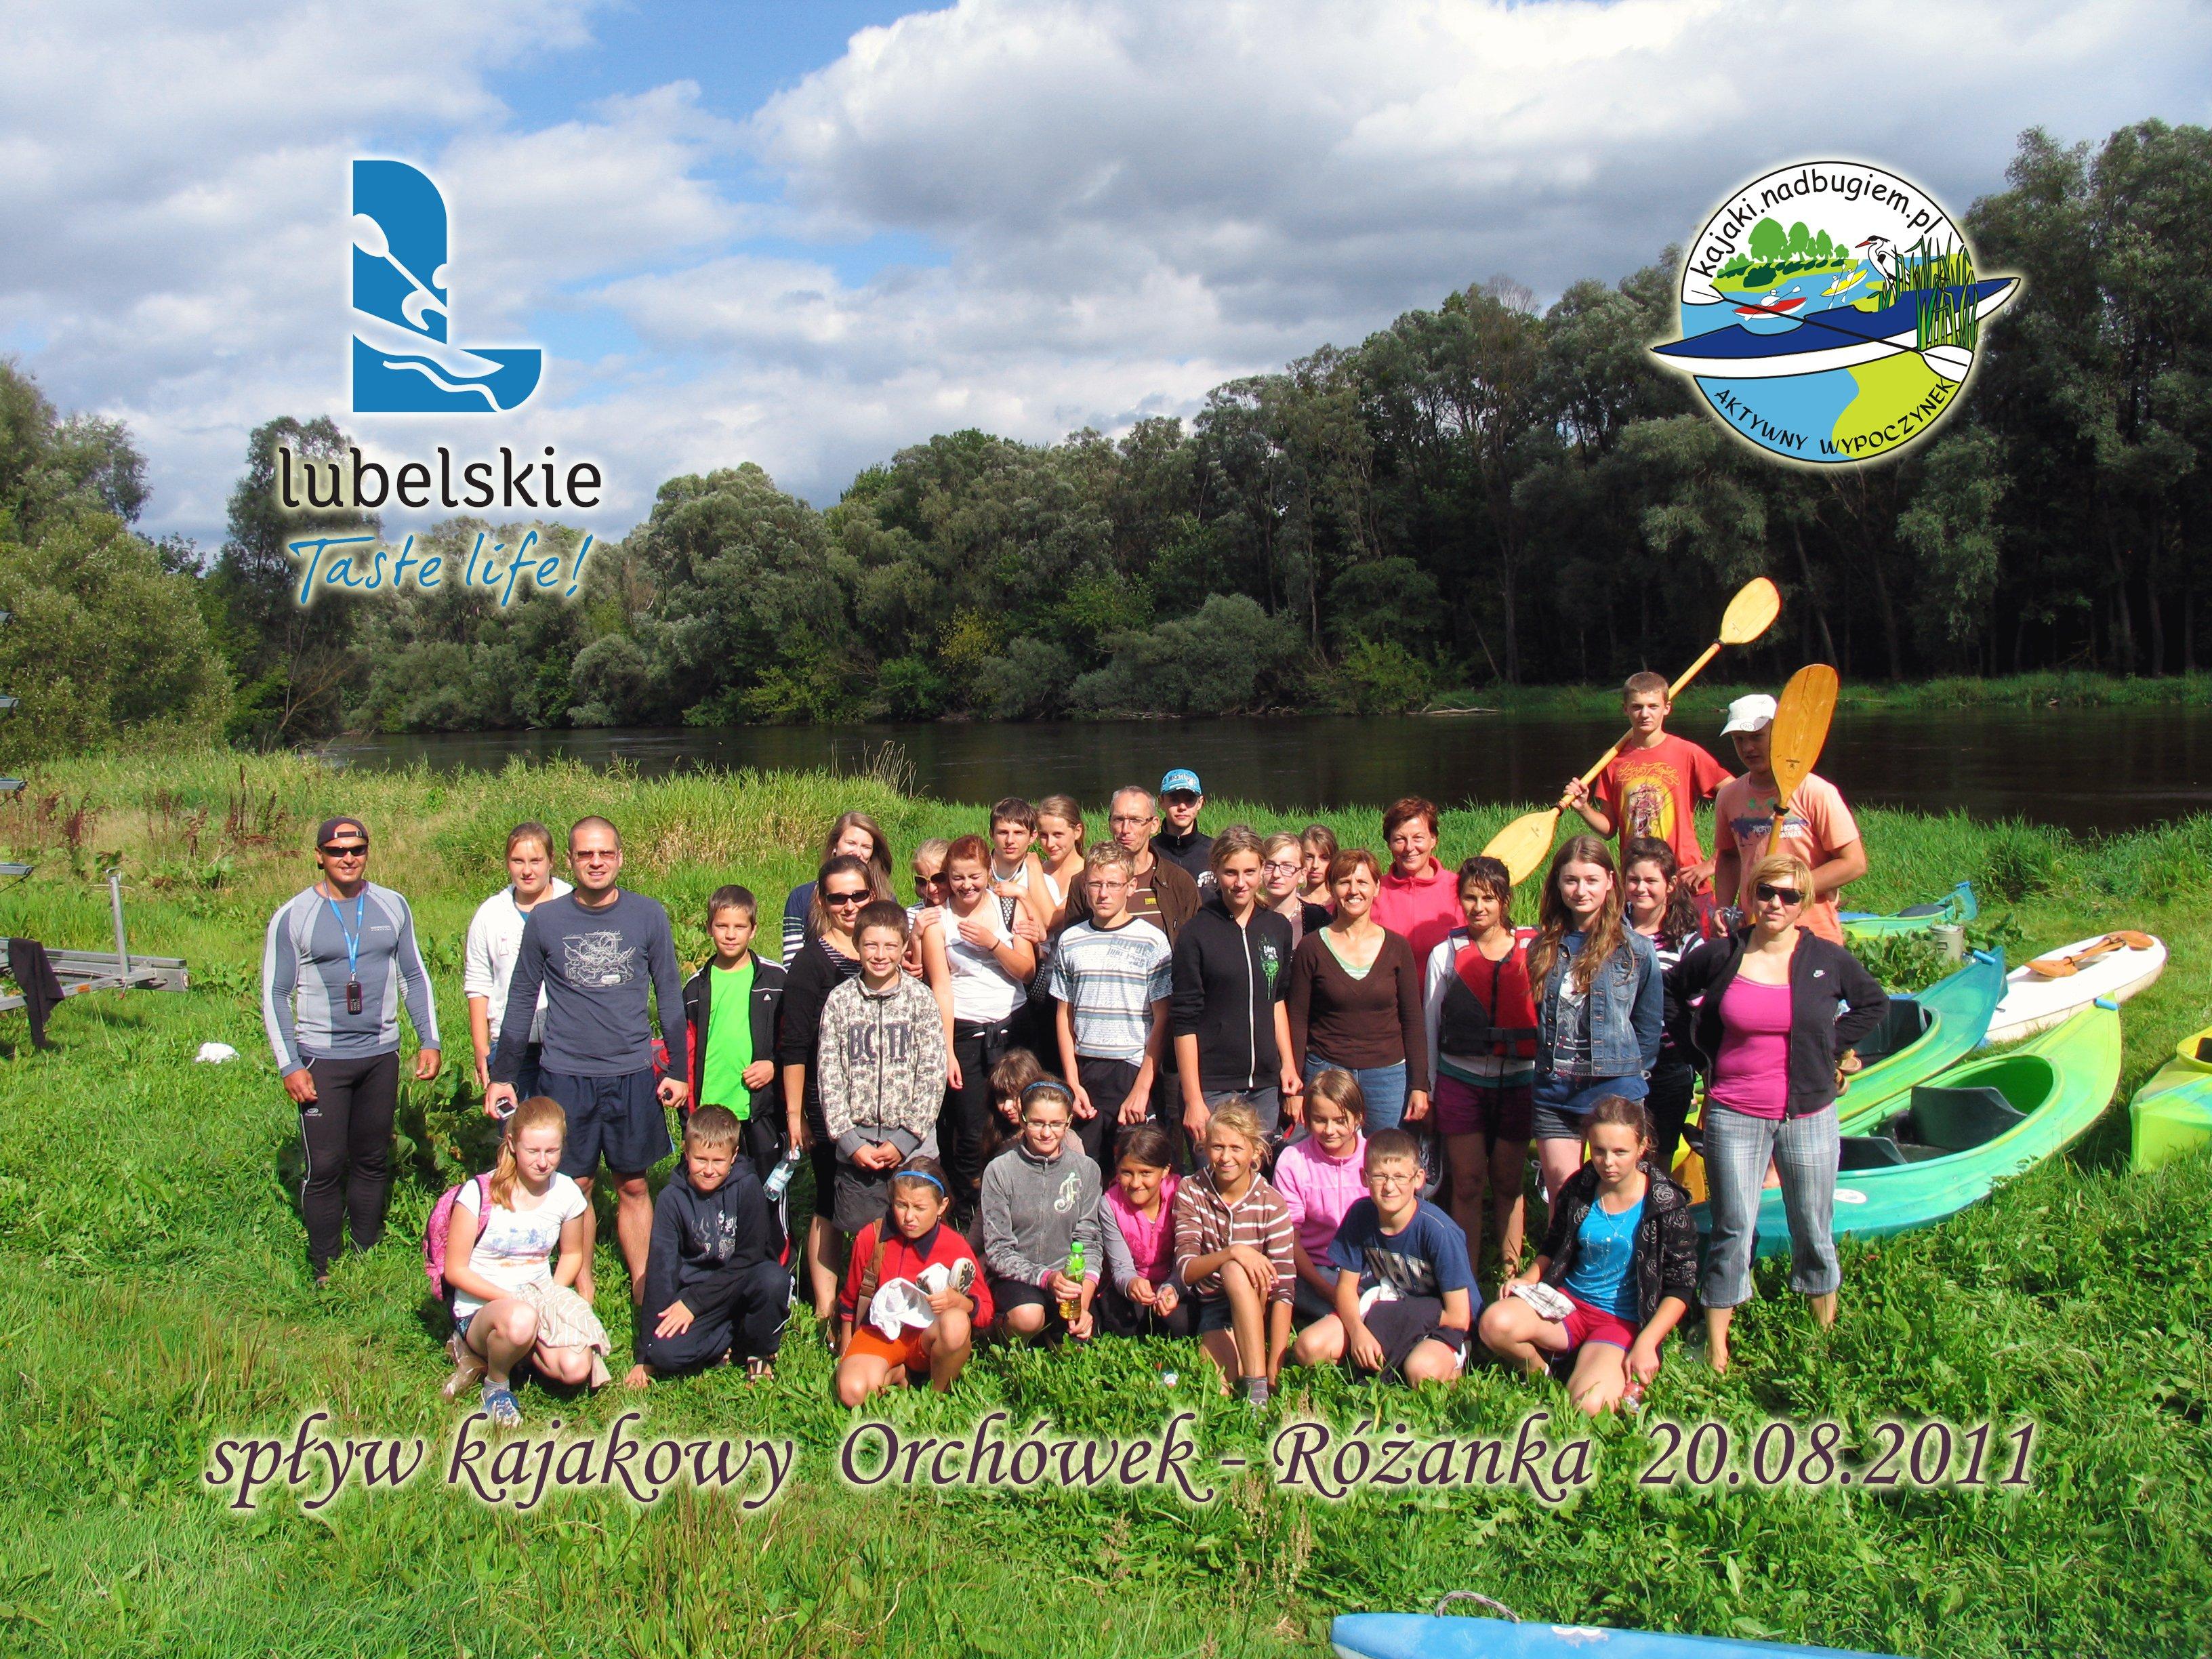 Różanka nad Bugiem - grupowe zdjęcie po spływie.